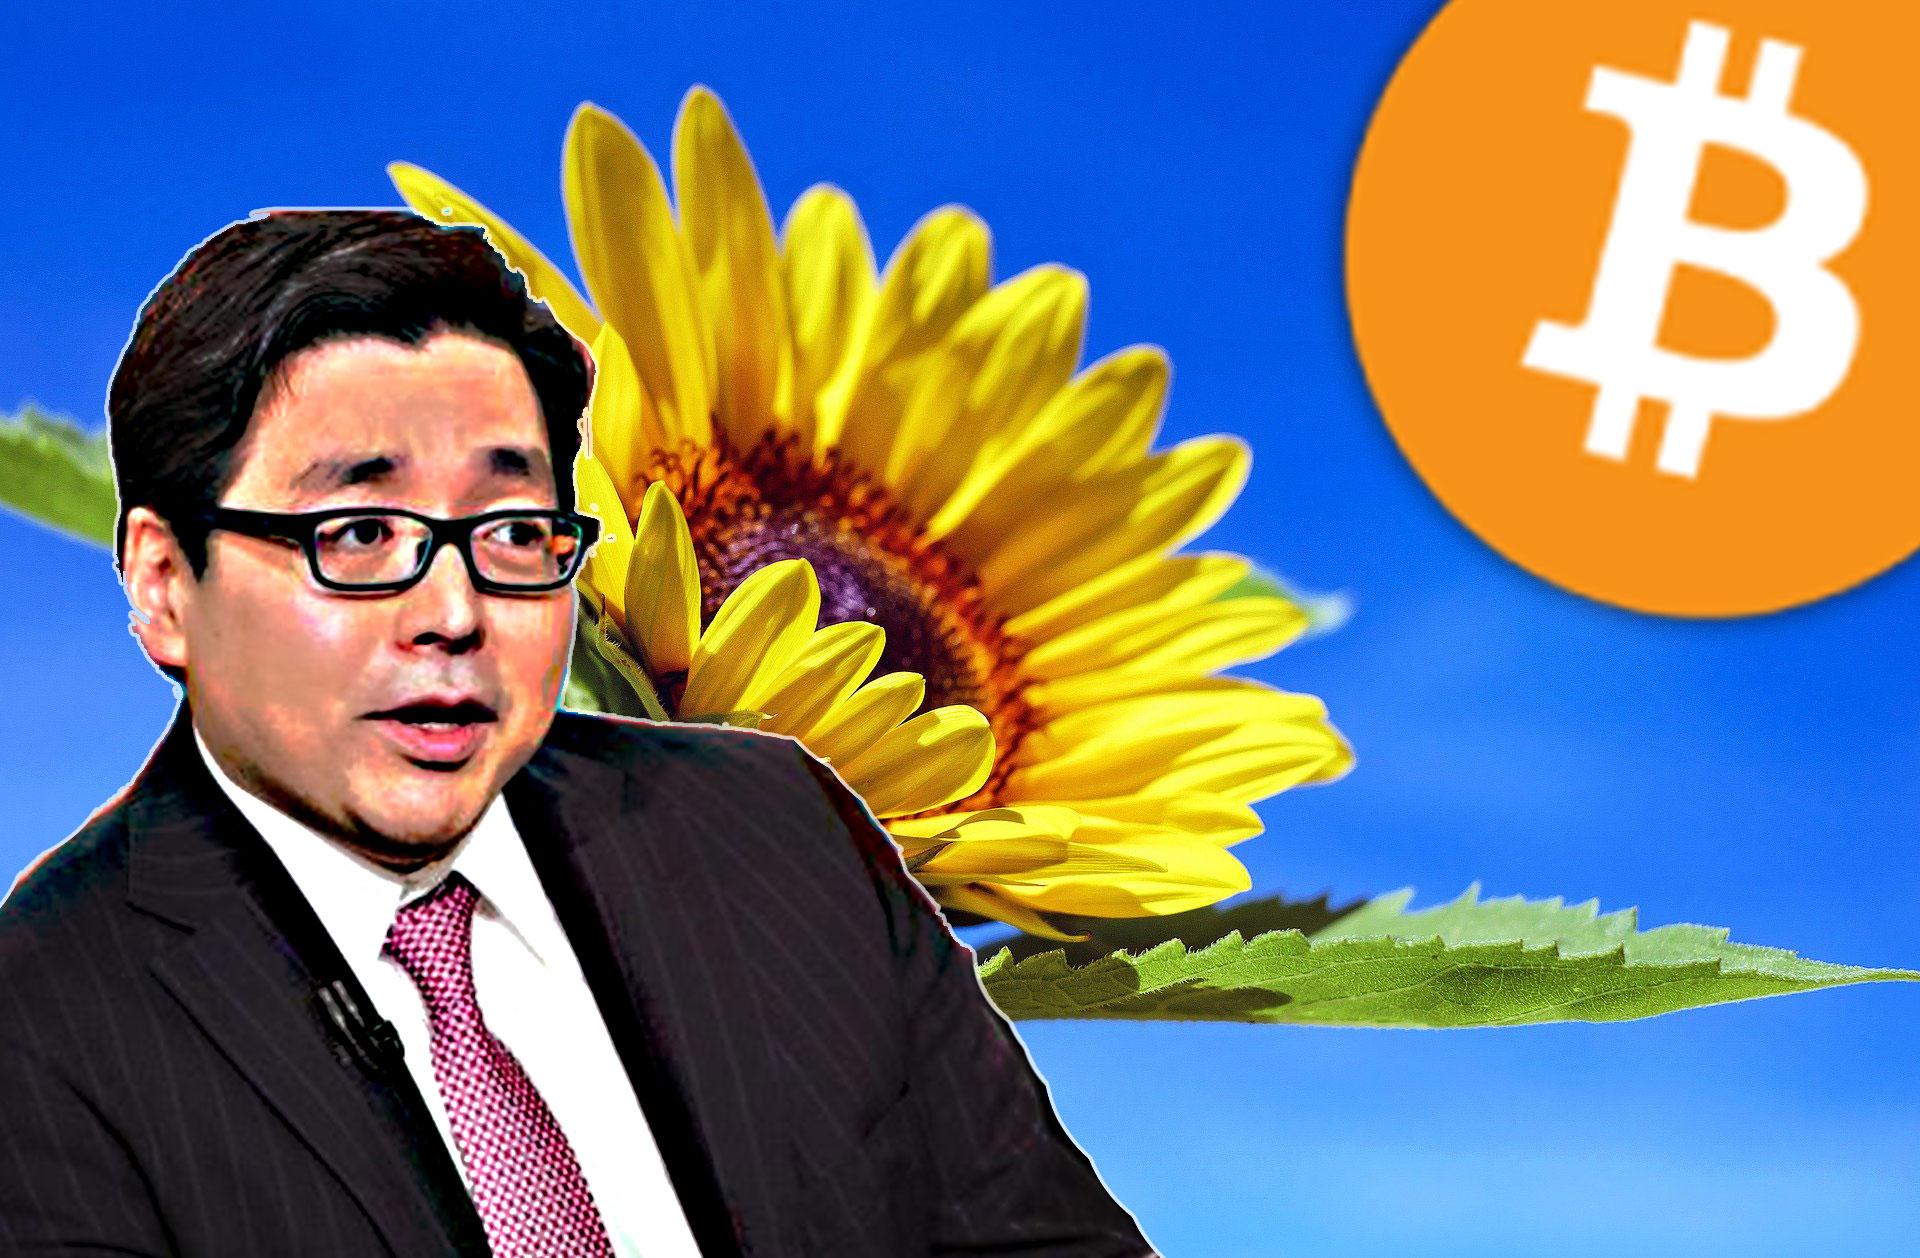 トム・リー、今後6か月でビットコインの価格が200%近く上昇する理由を説明!